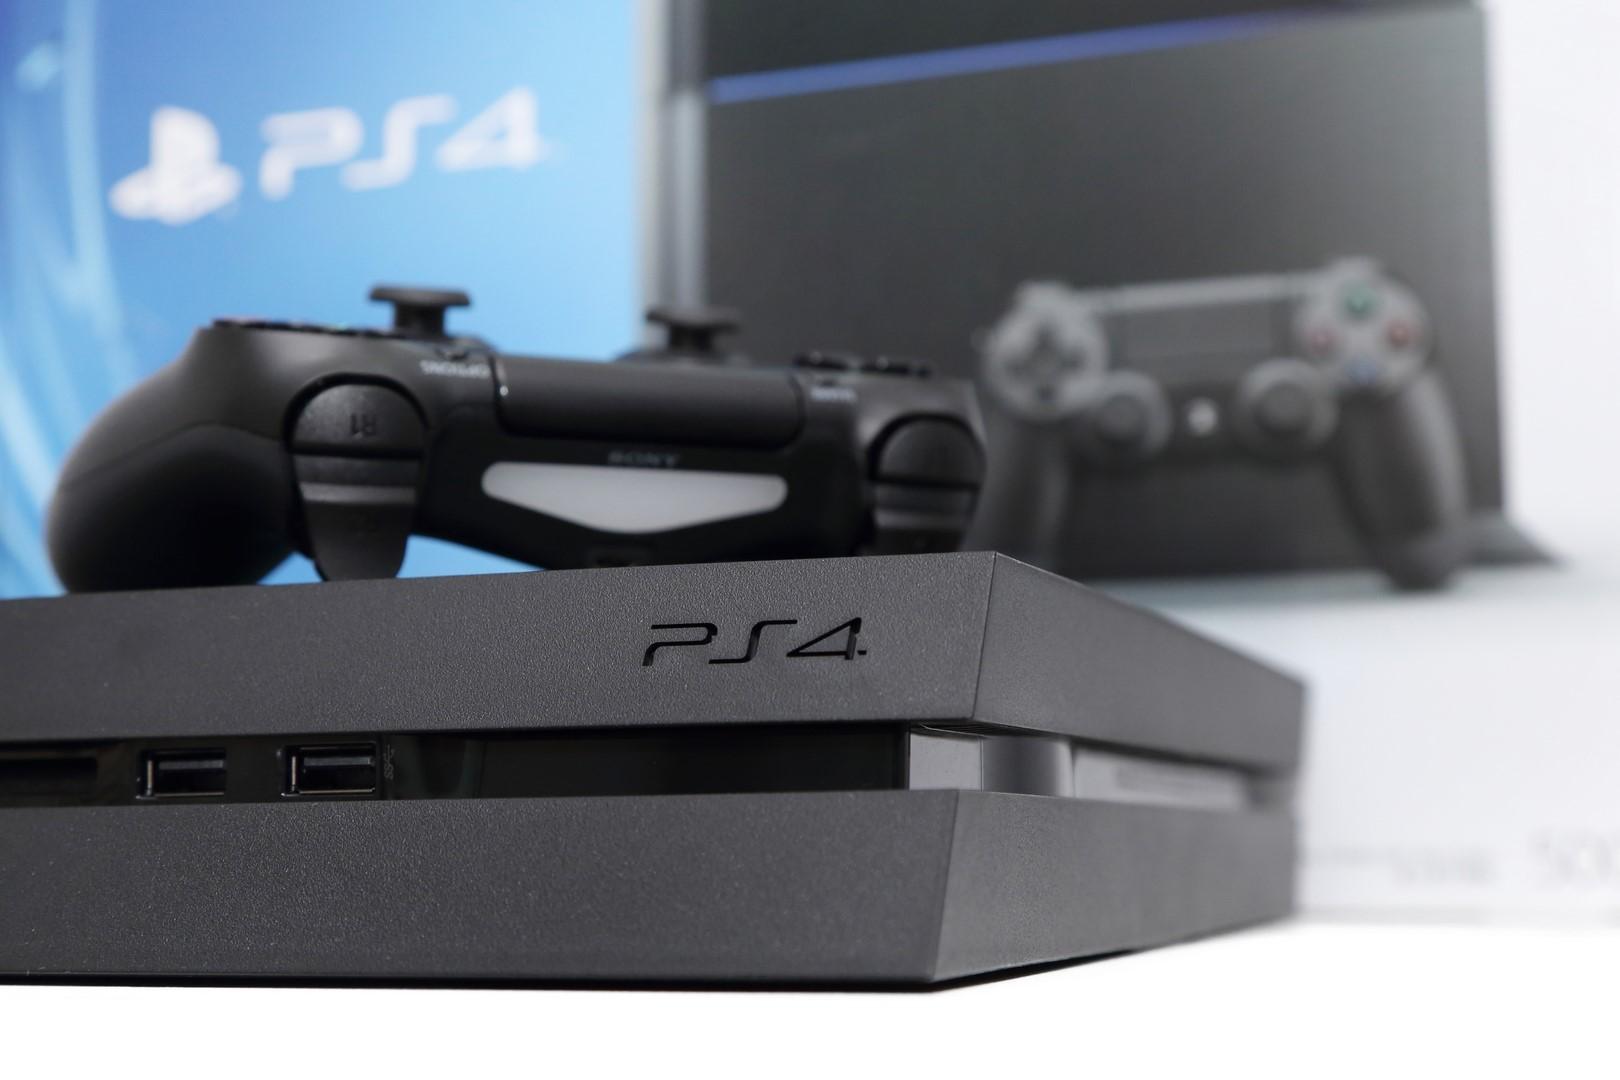 Tej funkcji oczekiwaliśmy na PlayStation 4 w dniu premiery, a dotarła z półtorarocznym poślizgiem